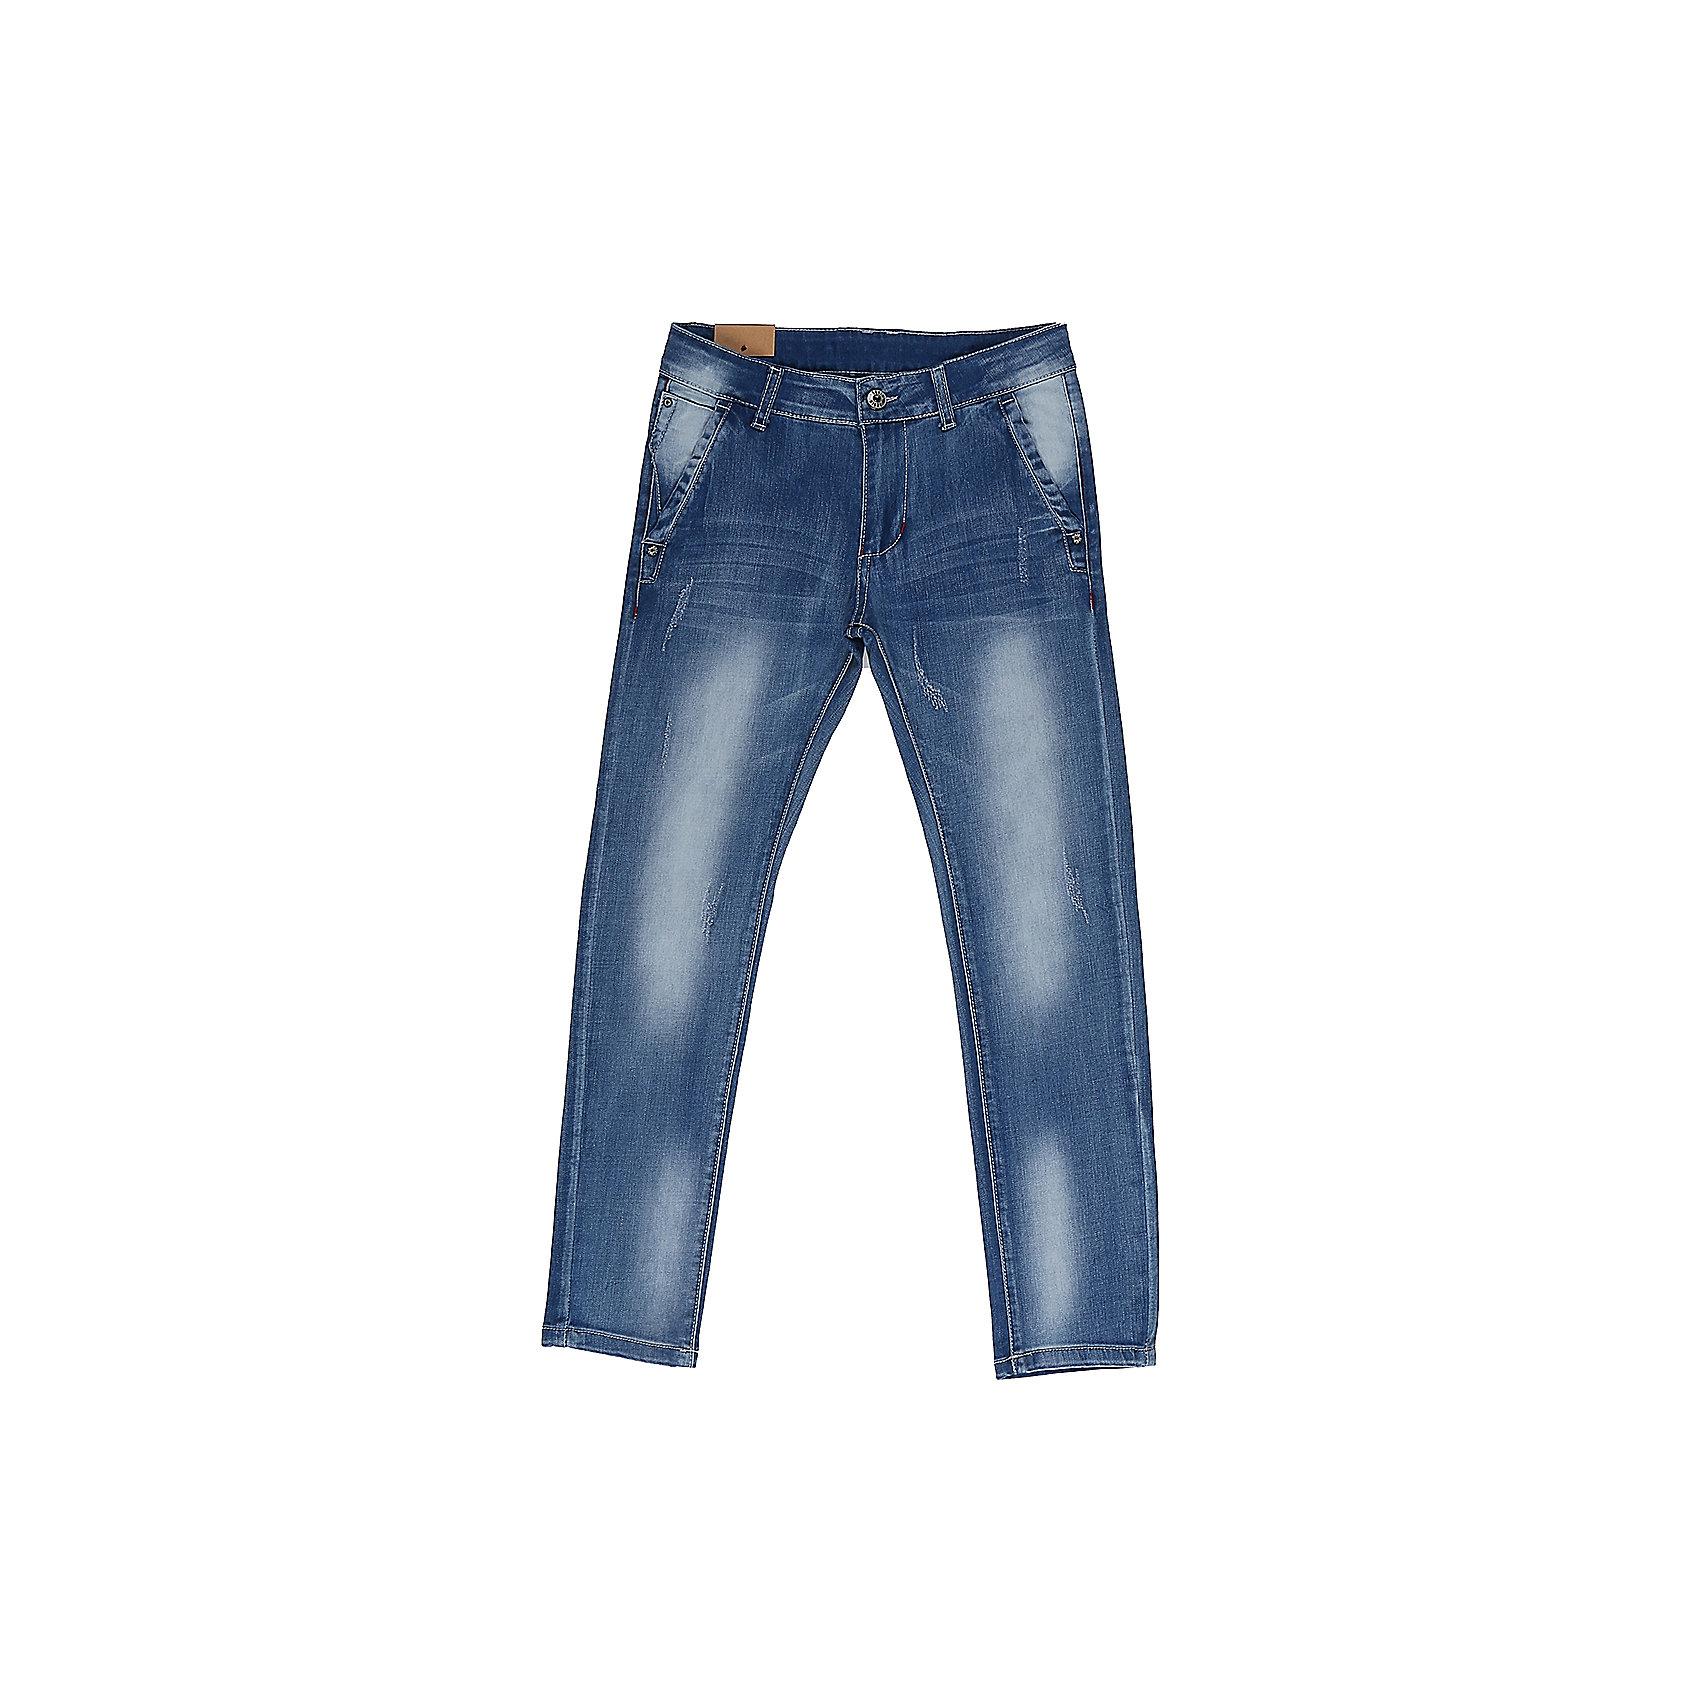 Джинсы для мальчика LuminosoДжинсовая одежда<br>Джинсы  для мальчика с оригинальной варкой. Зауженный крой, средняя посадка. Застегиваются на молнию и крючок. Шлевки на поясе рассчитаны под ремень. В боковой части пояса находятся вшитые эластичные ленты, регулирующие посадку по талии.<br>Состав:<br>98%хлопок 2%эластан<br><br>Ширина мм: 215<br>Глубина мм: 88<br>Высота мм: 191<br>Вес г: 336<br>Цвет: синий<br>Возраст от месяцев: 96<br>Возраст до месяцев: 108<br>Пол: Мужской<br>Возраст: Детский<br>Размер: 134,140,146,152,158,164<br>SKU: 5409503